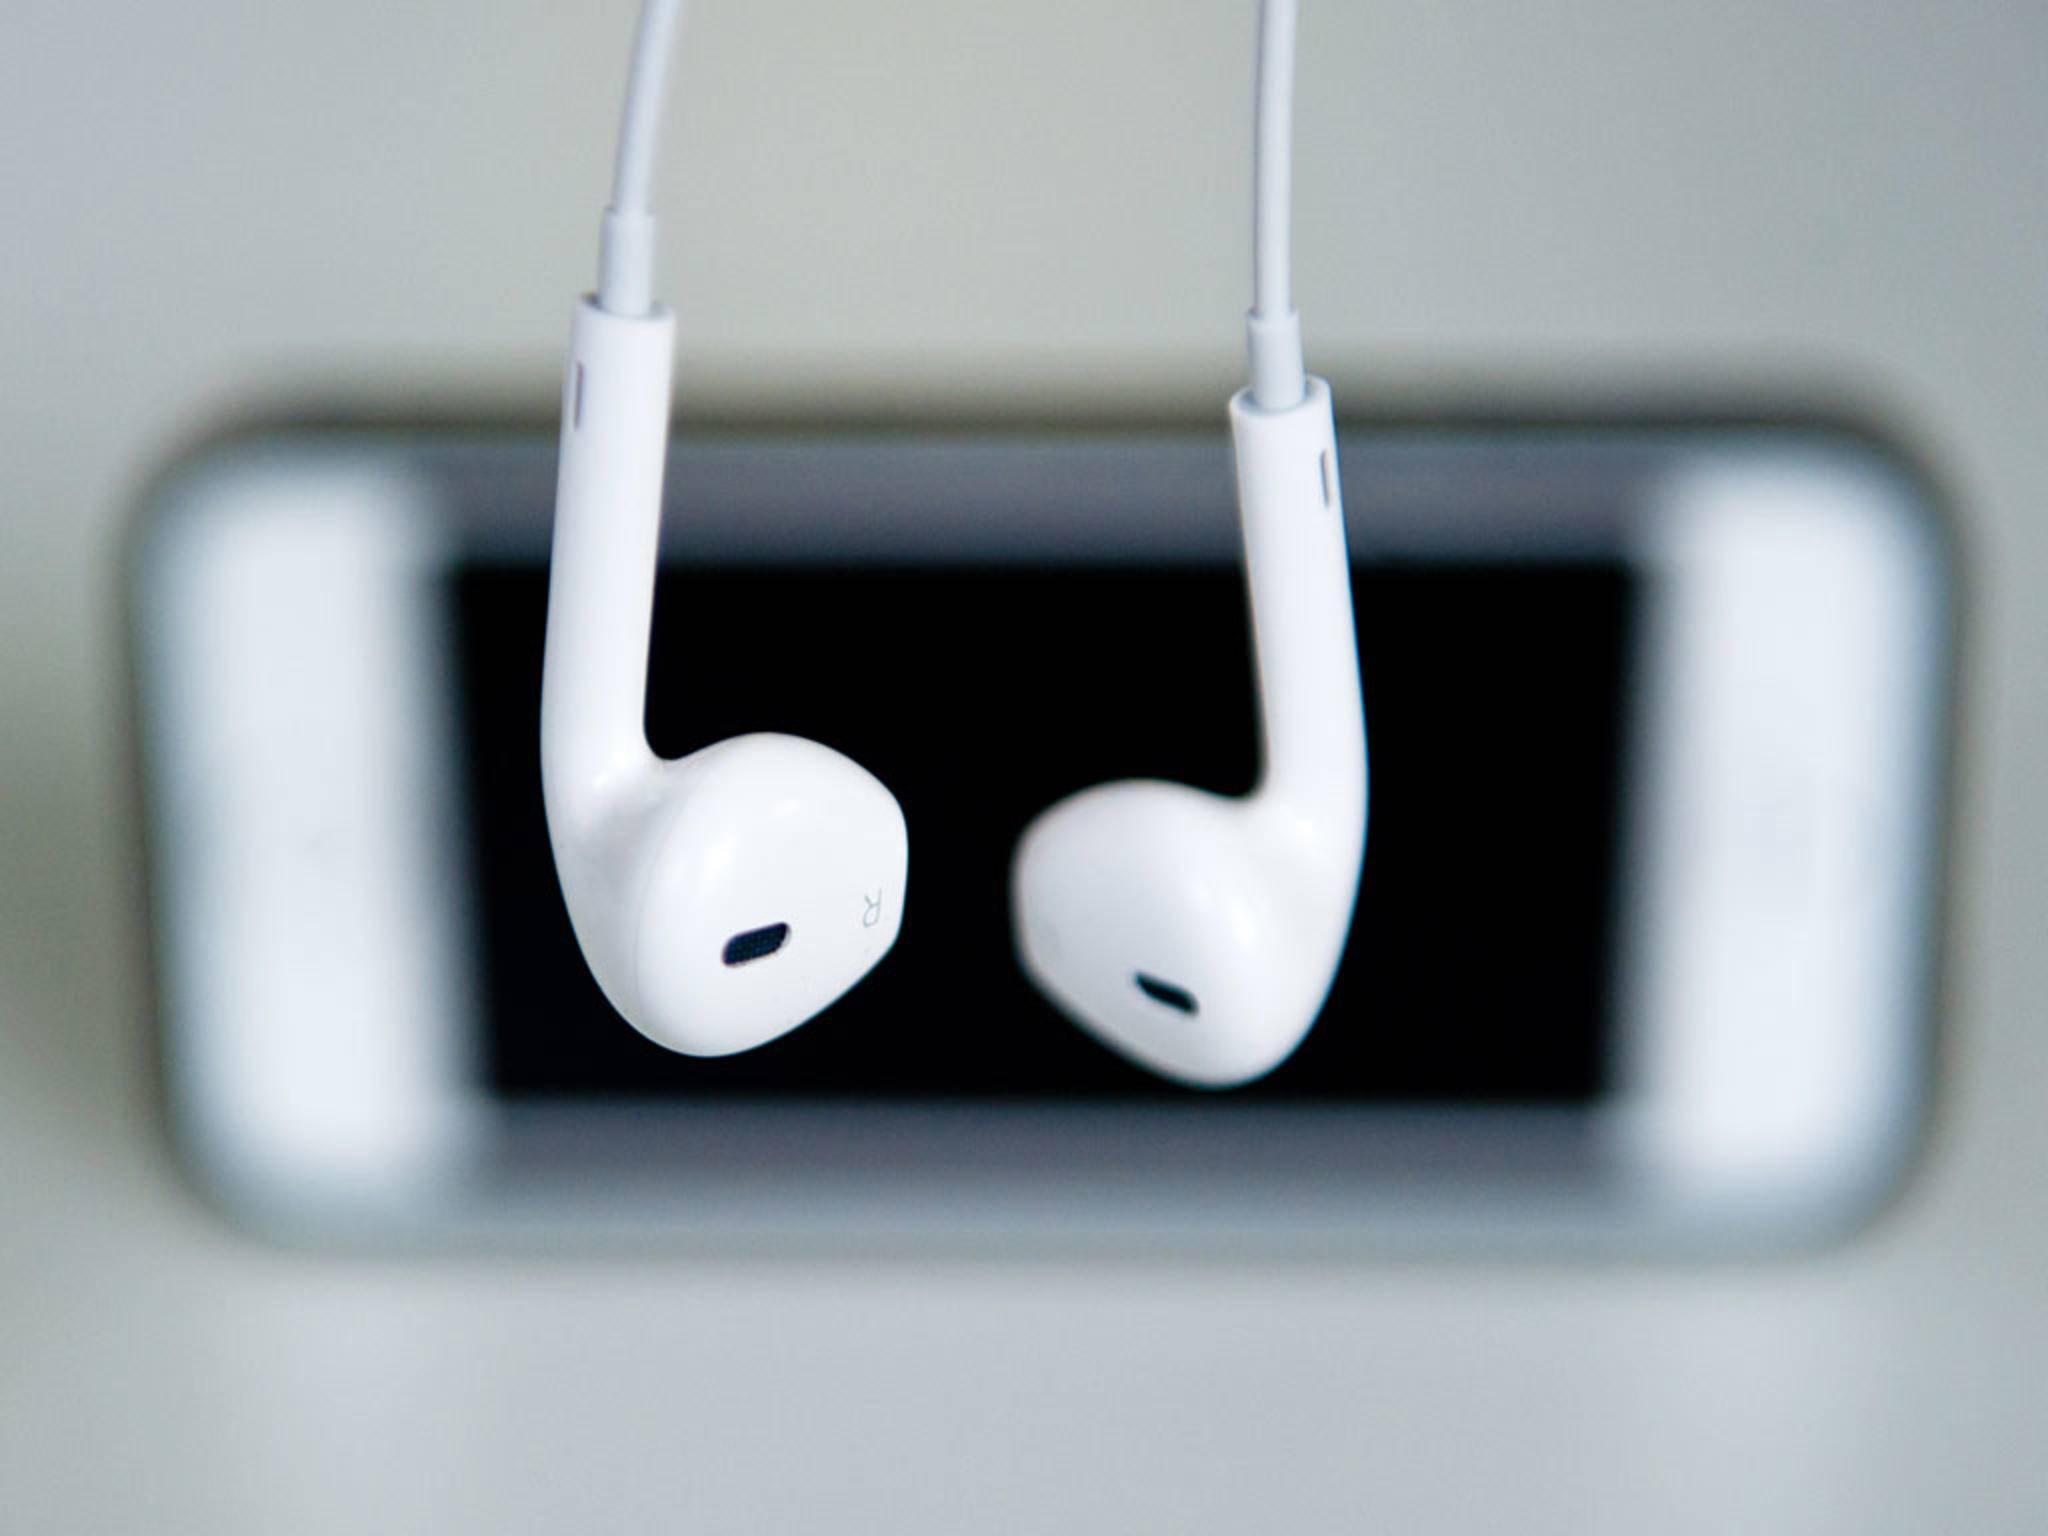 Die Apple EarPods können weit mehr, als nur die Lautstärke zu ändern.